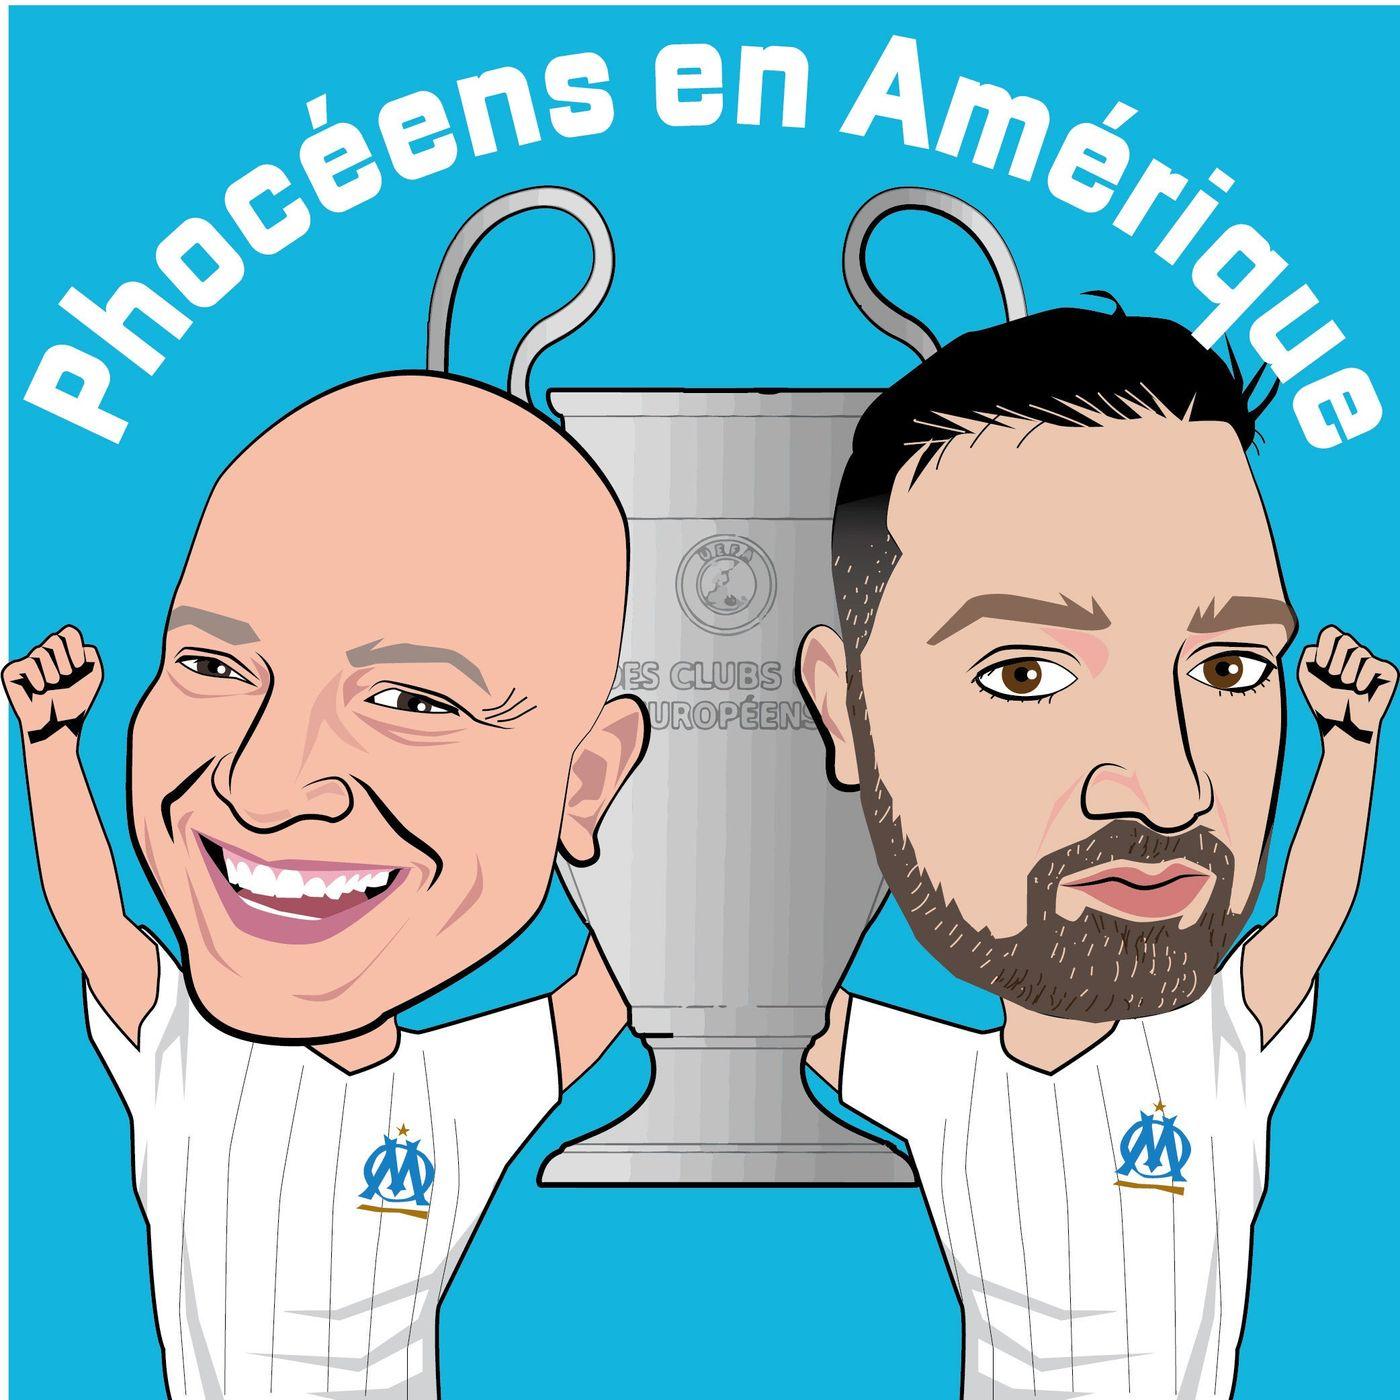 Episode #48 - Phocéens en Amérique - Présentation de Matteo Guendouzi